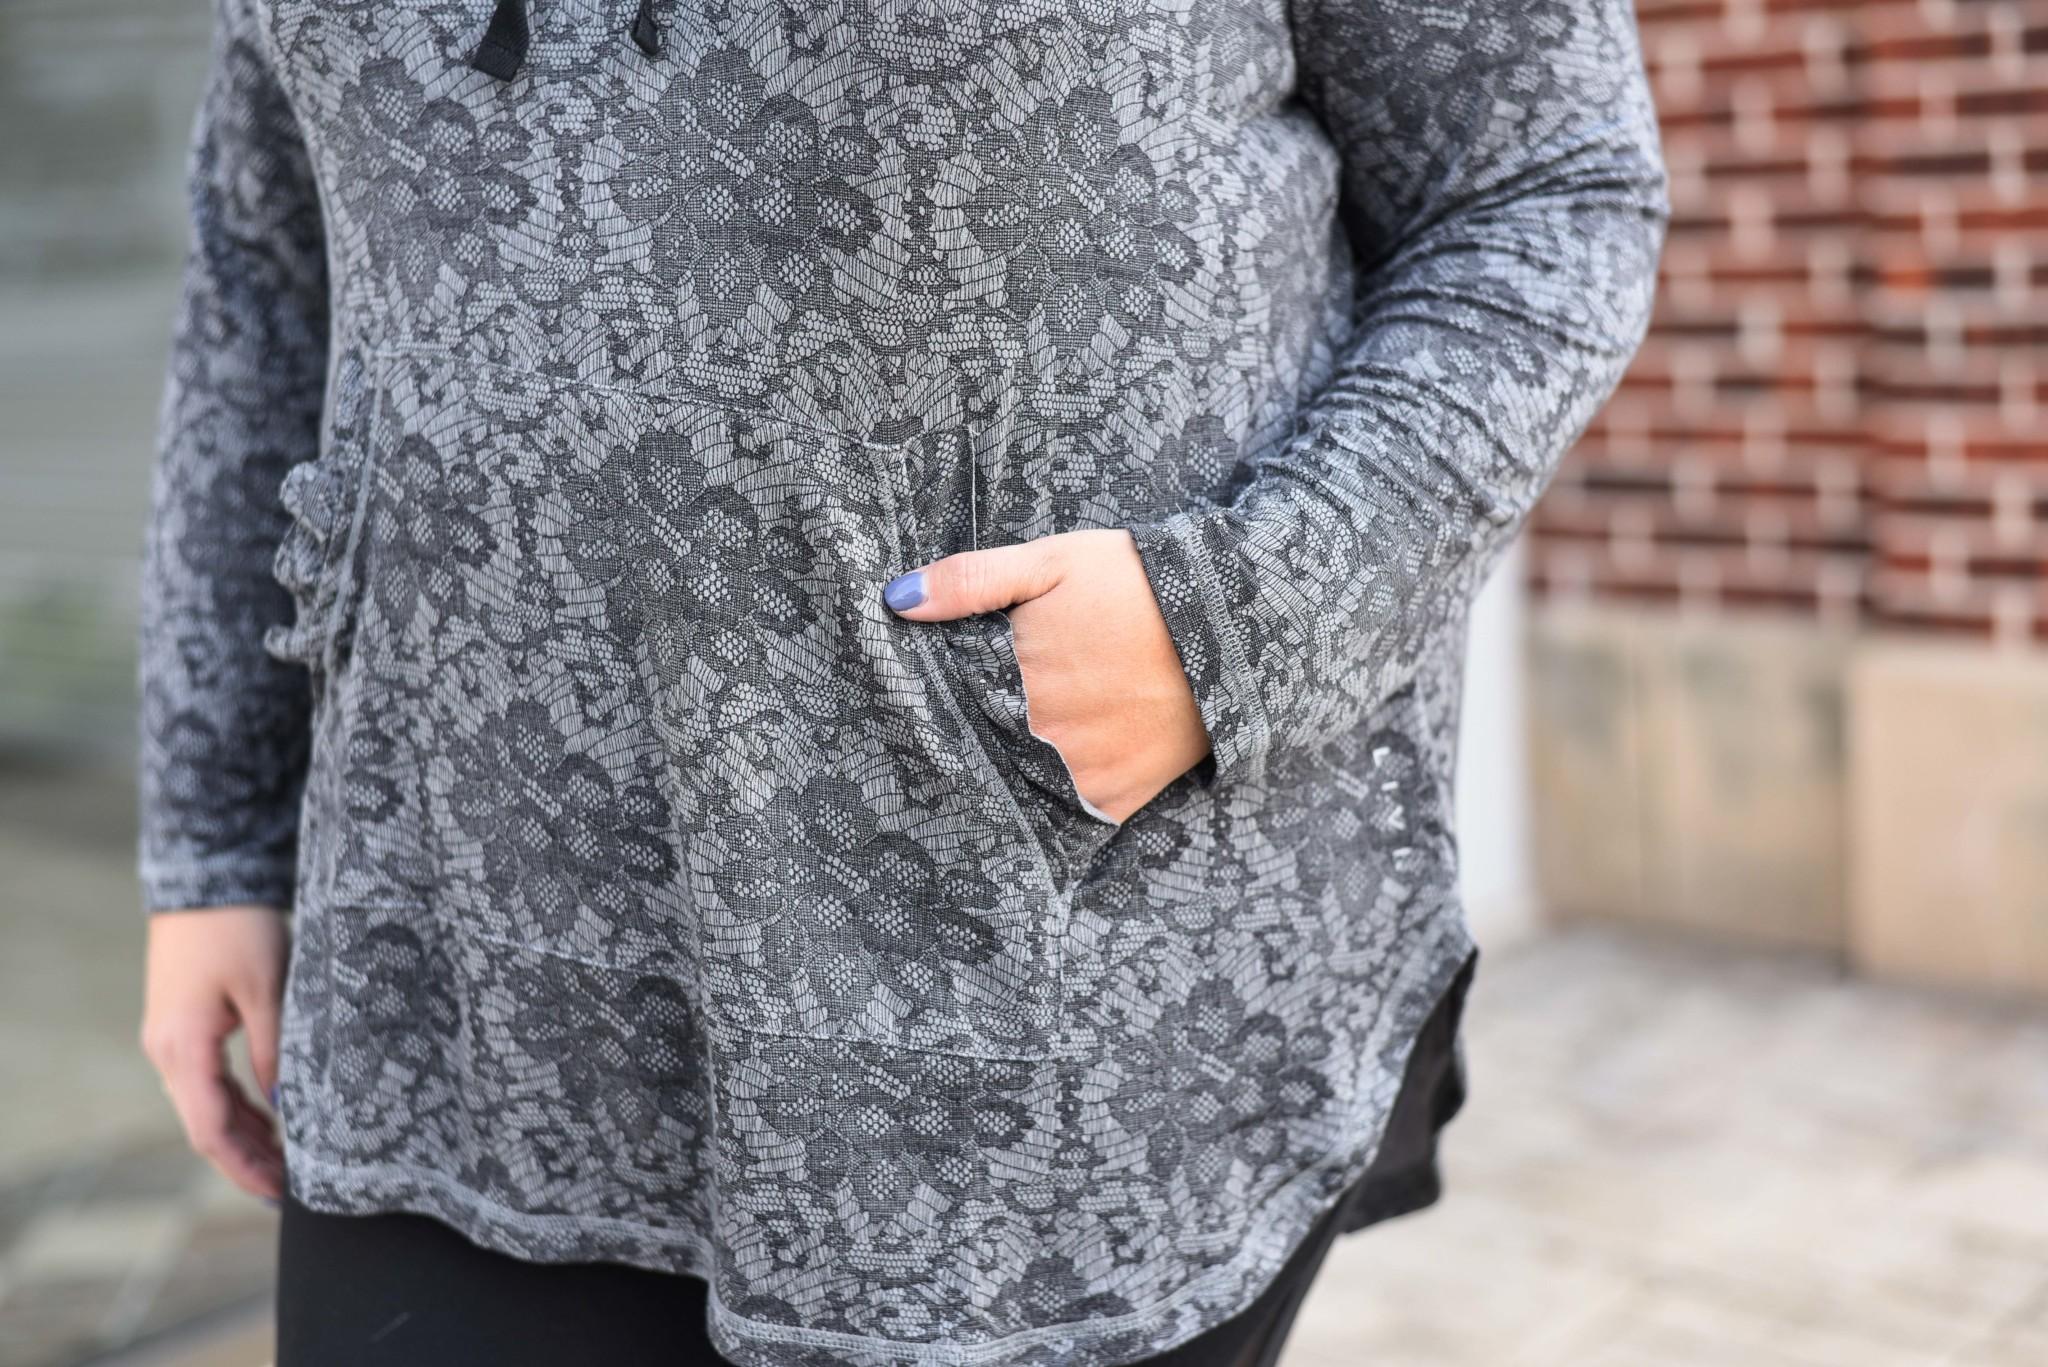 Ruffle detail on pocket of LIVI Activewear hoodie on sale during Lane Bryant Cyber Week Sale